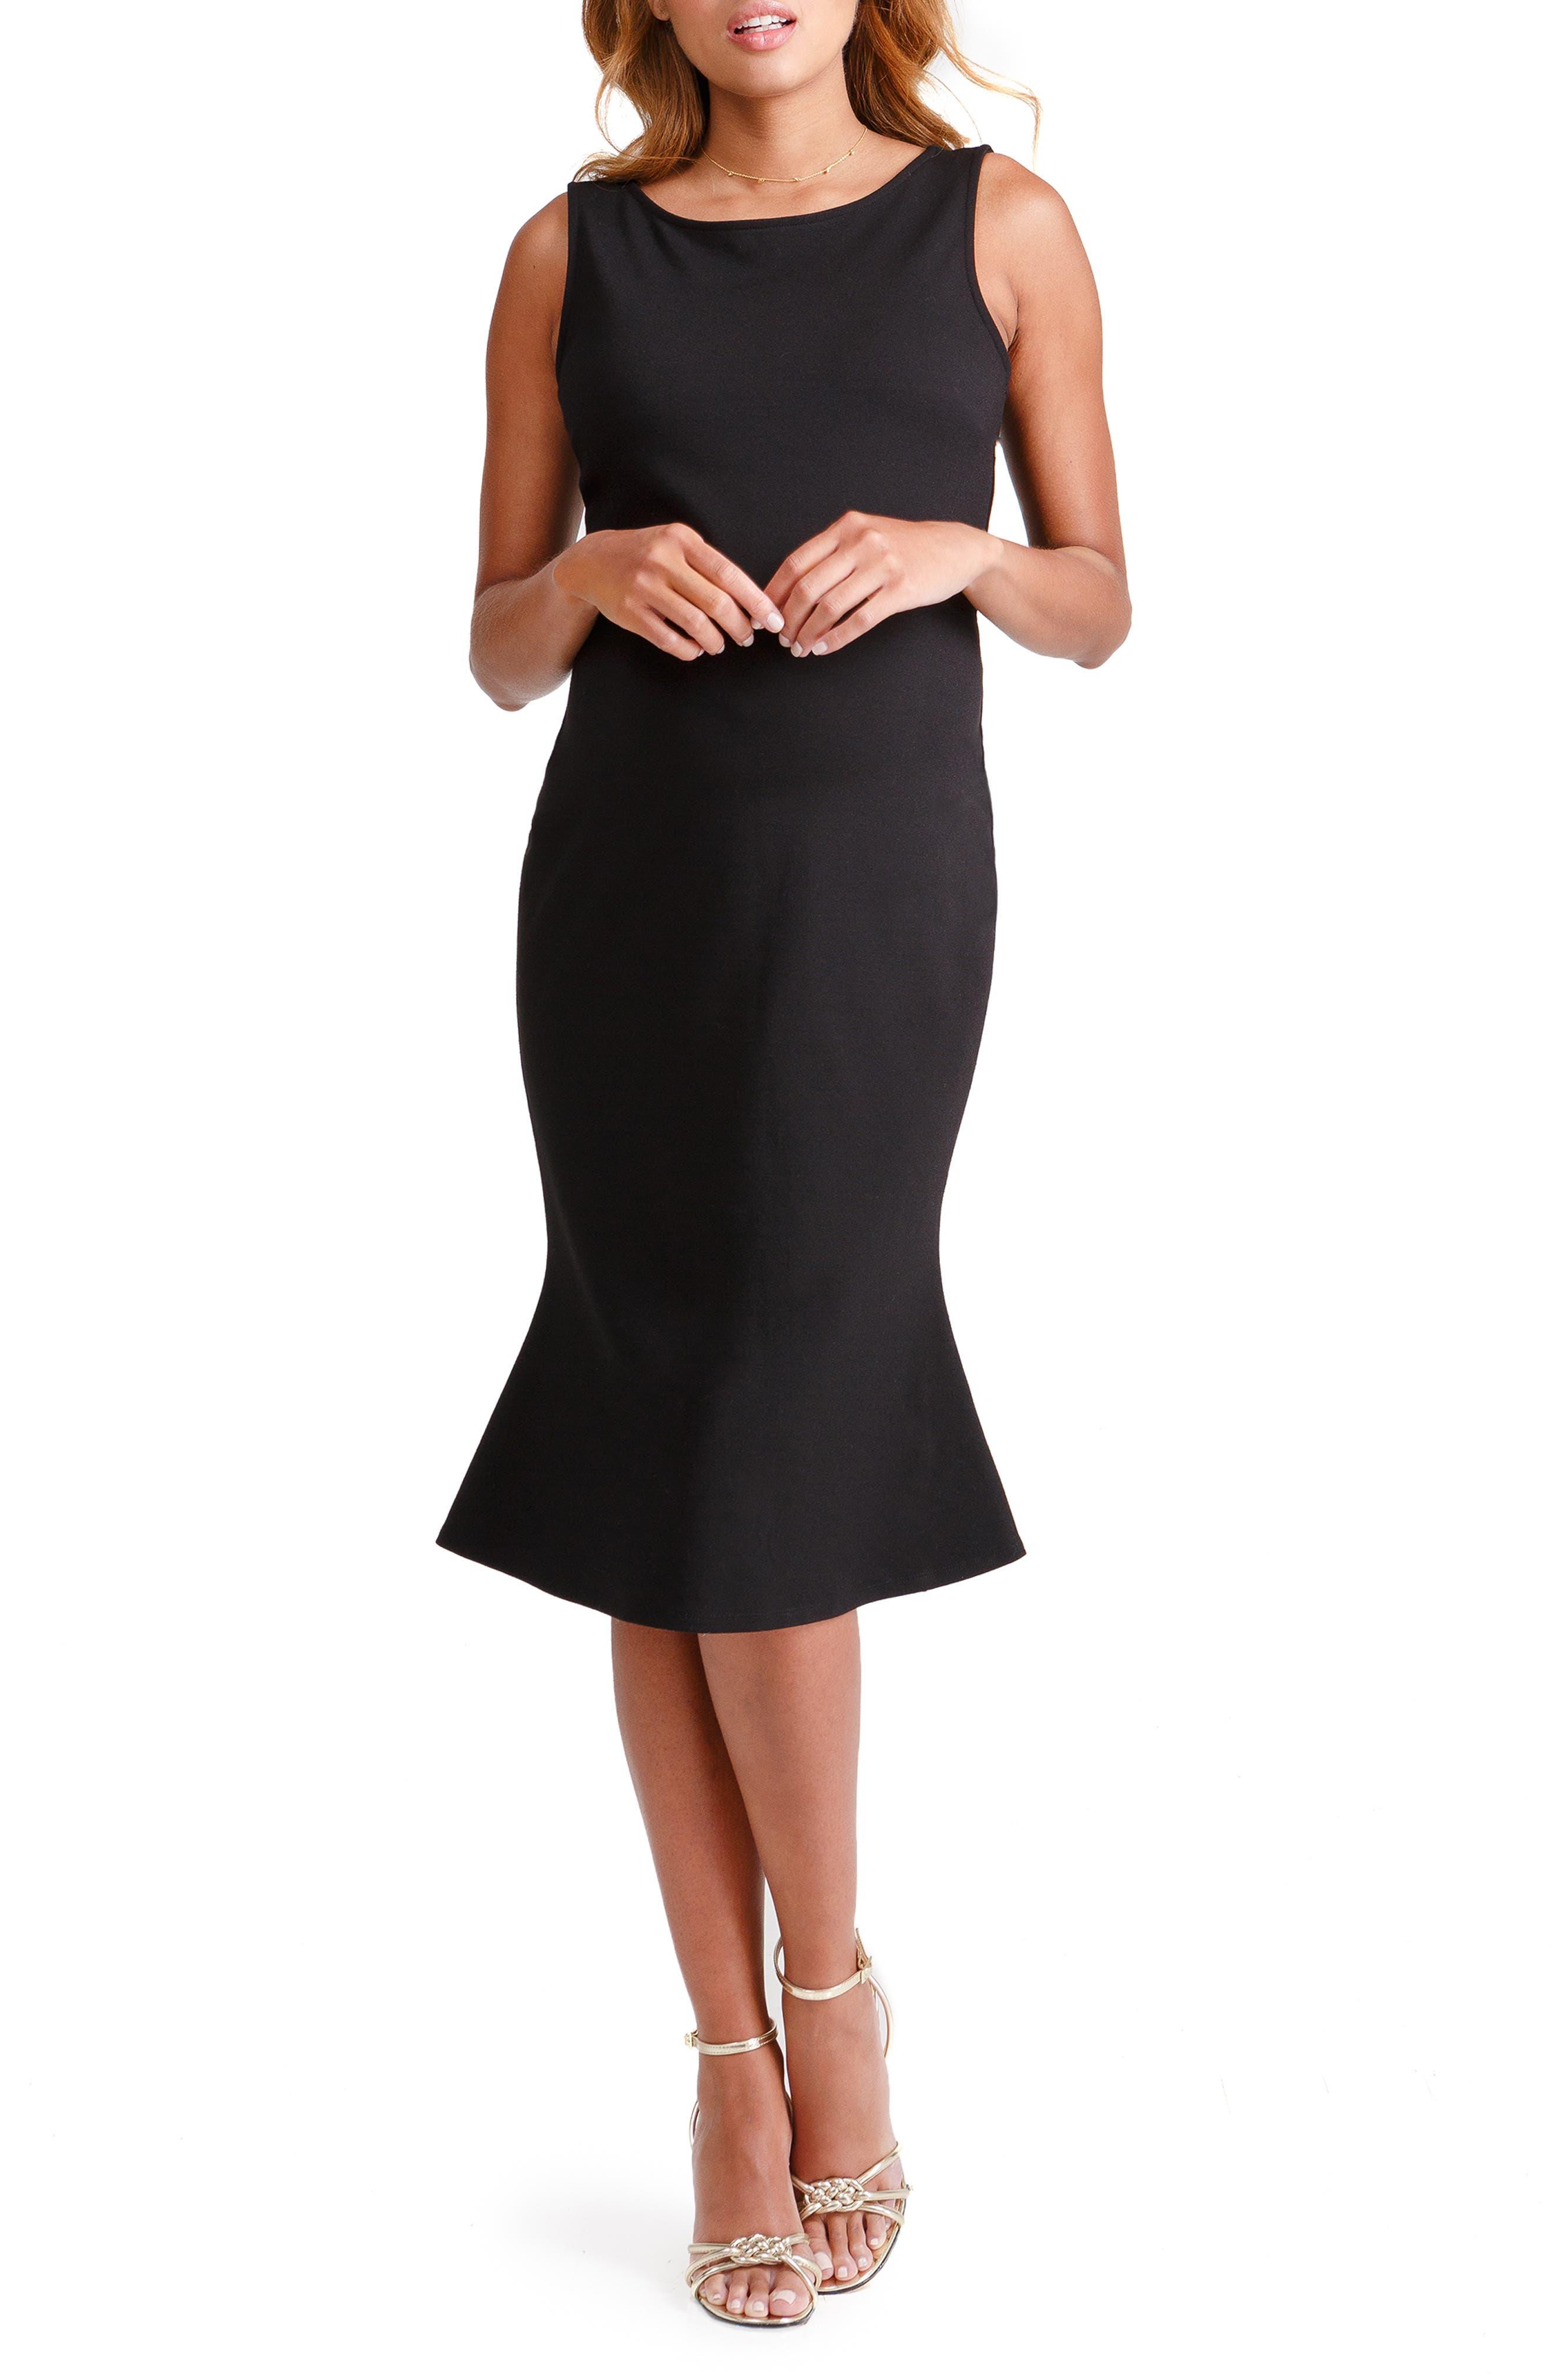 Vintage Maternity Clothes History Womens Ingrid  Isabel Tulip Hem Maternity Dress Size Large - Black $69.99 AT vintagedancer.com